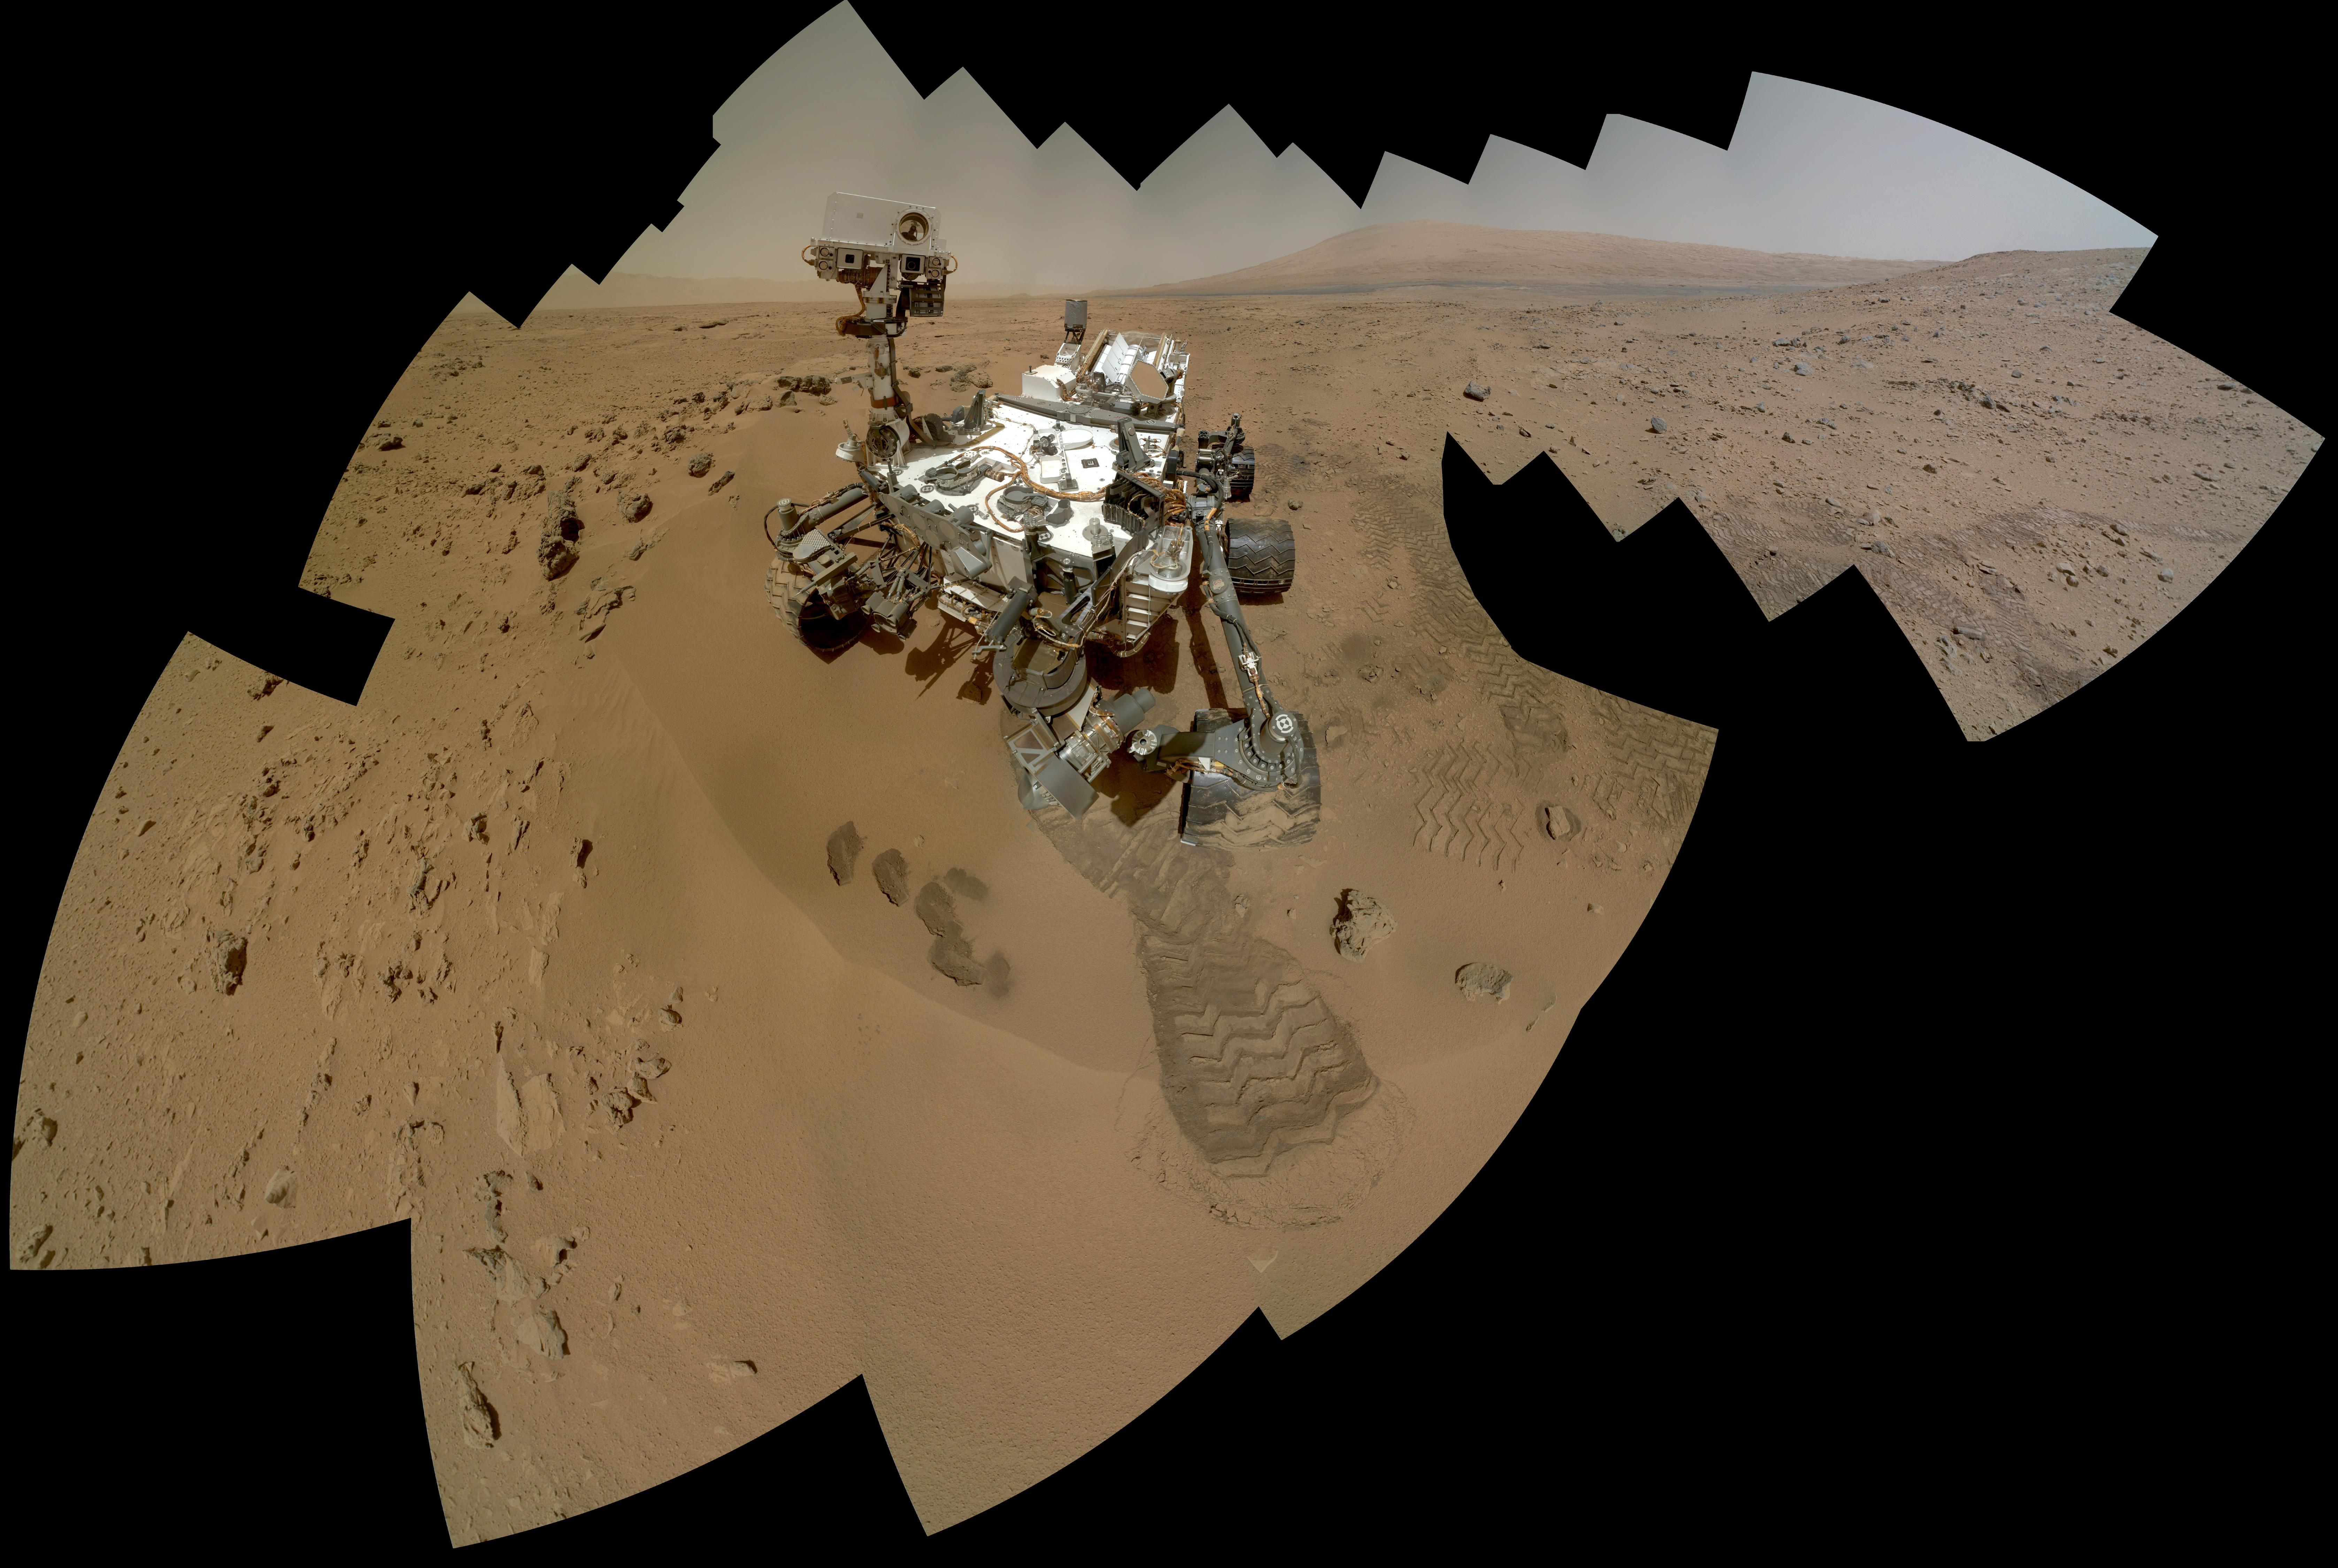 Mars Hand Lens Imager